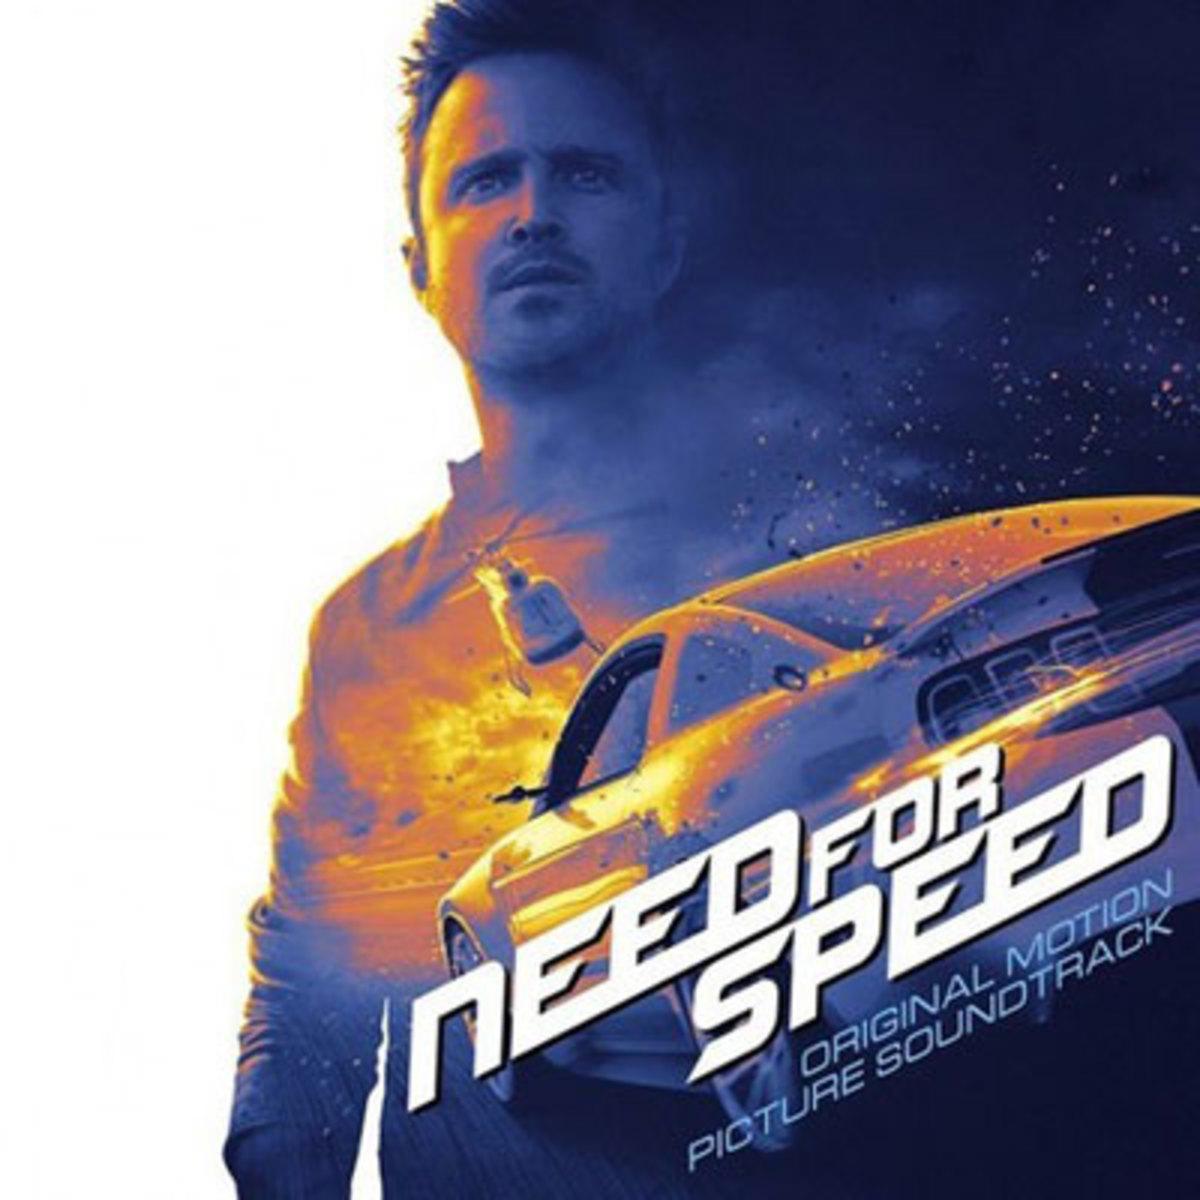 needforspeed-soundtrack.jpg